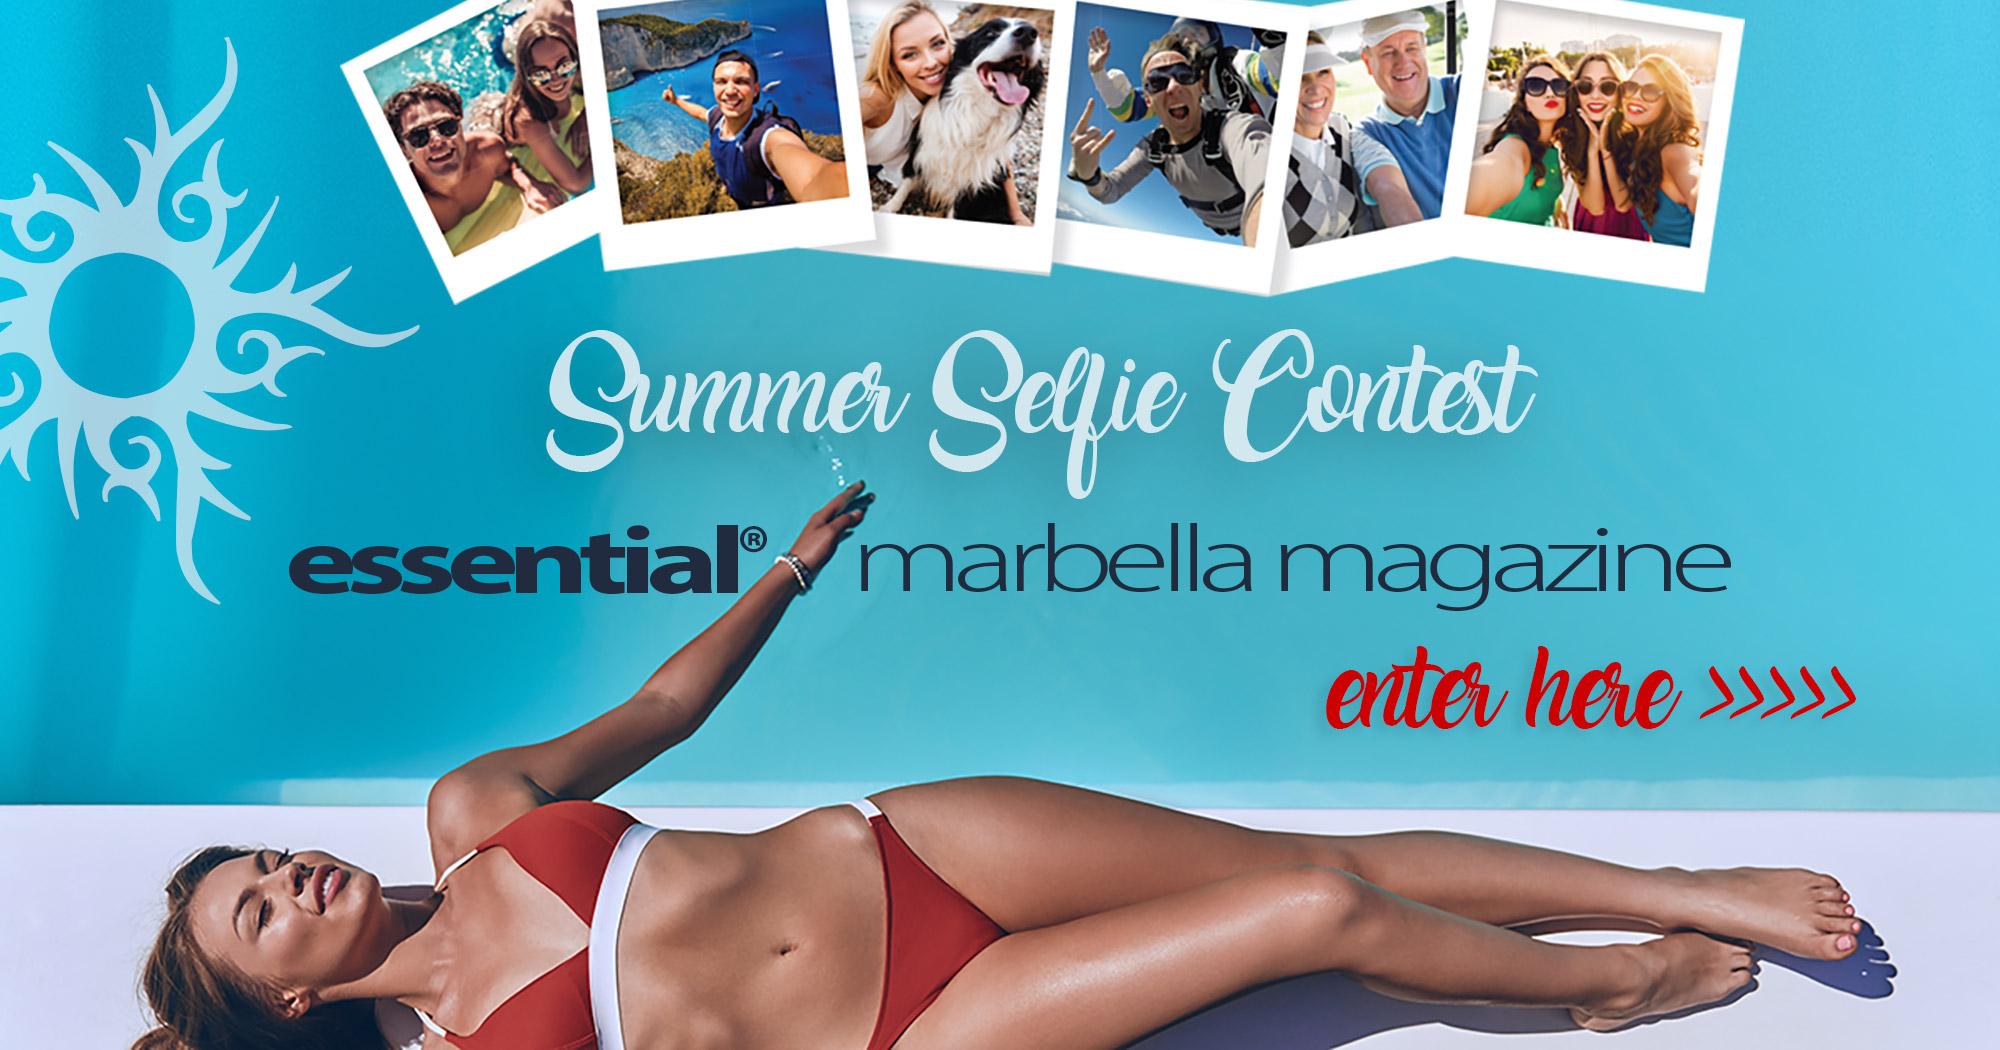 Marbella Essential Selfie Contest